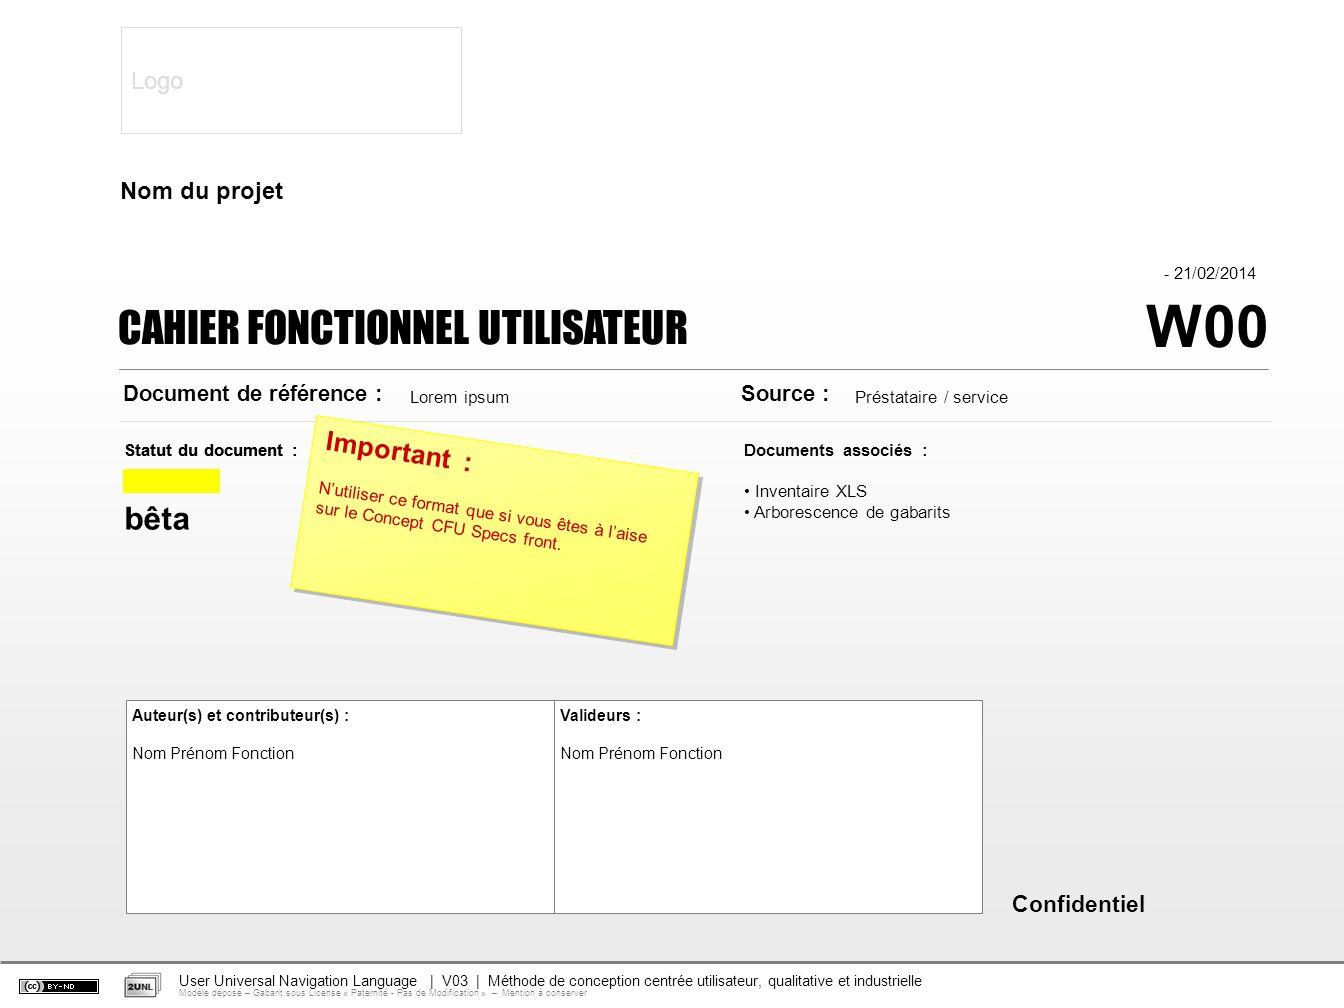 W00 - 21/02/2014 Auteur(s) et contributeur(s) : Nom Prénom Fonction Documents associés : Inventaire XLS Arborescence de gabarits Statut du document :